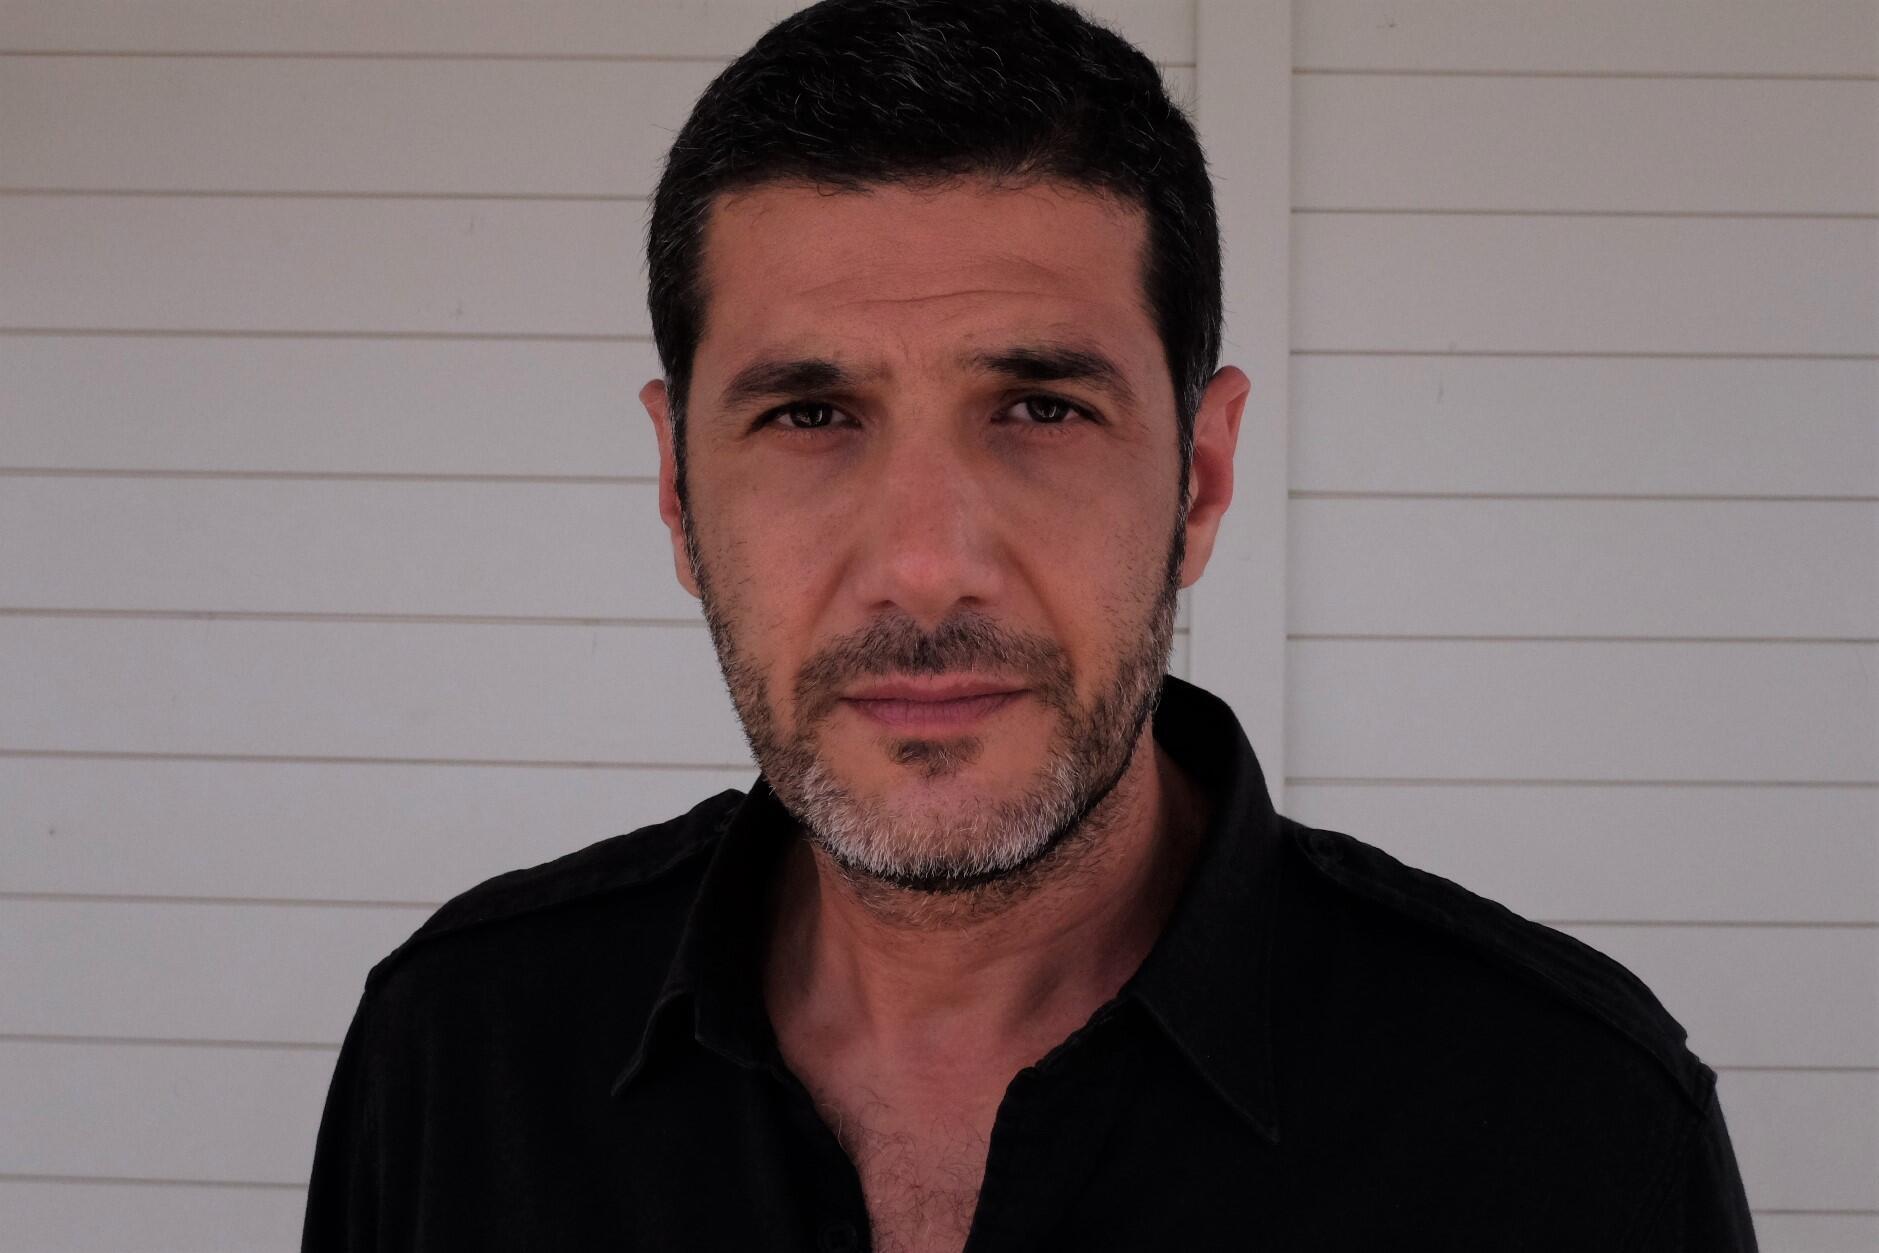 Nabil Ayouch, réalisateur marocain du film « Haut et fort » (« Casablanca Beats »), en lice pour la Palme d'or au Festival de Cannes 2021.  © Siegfried Forster / RFI